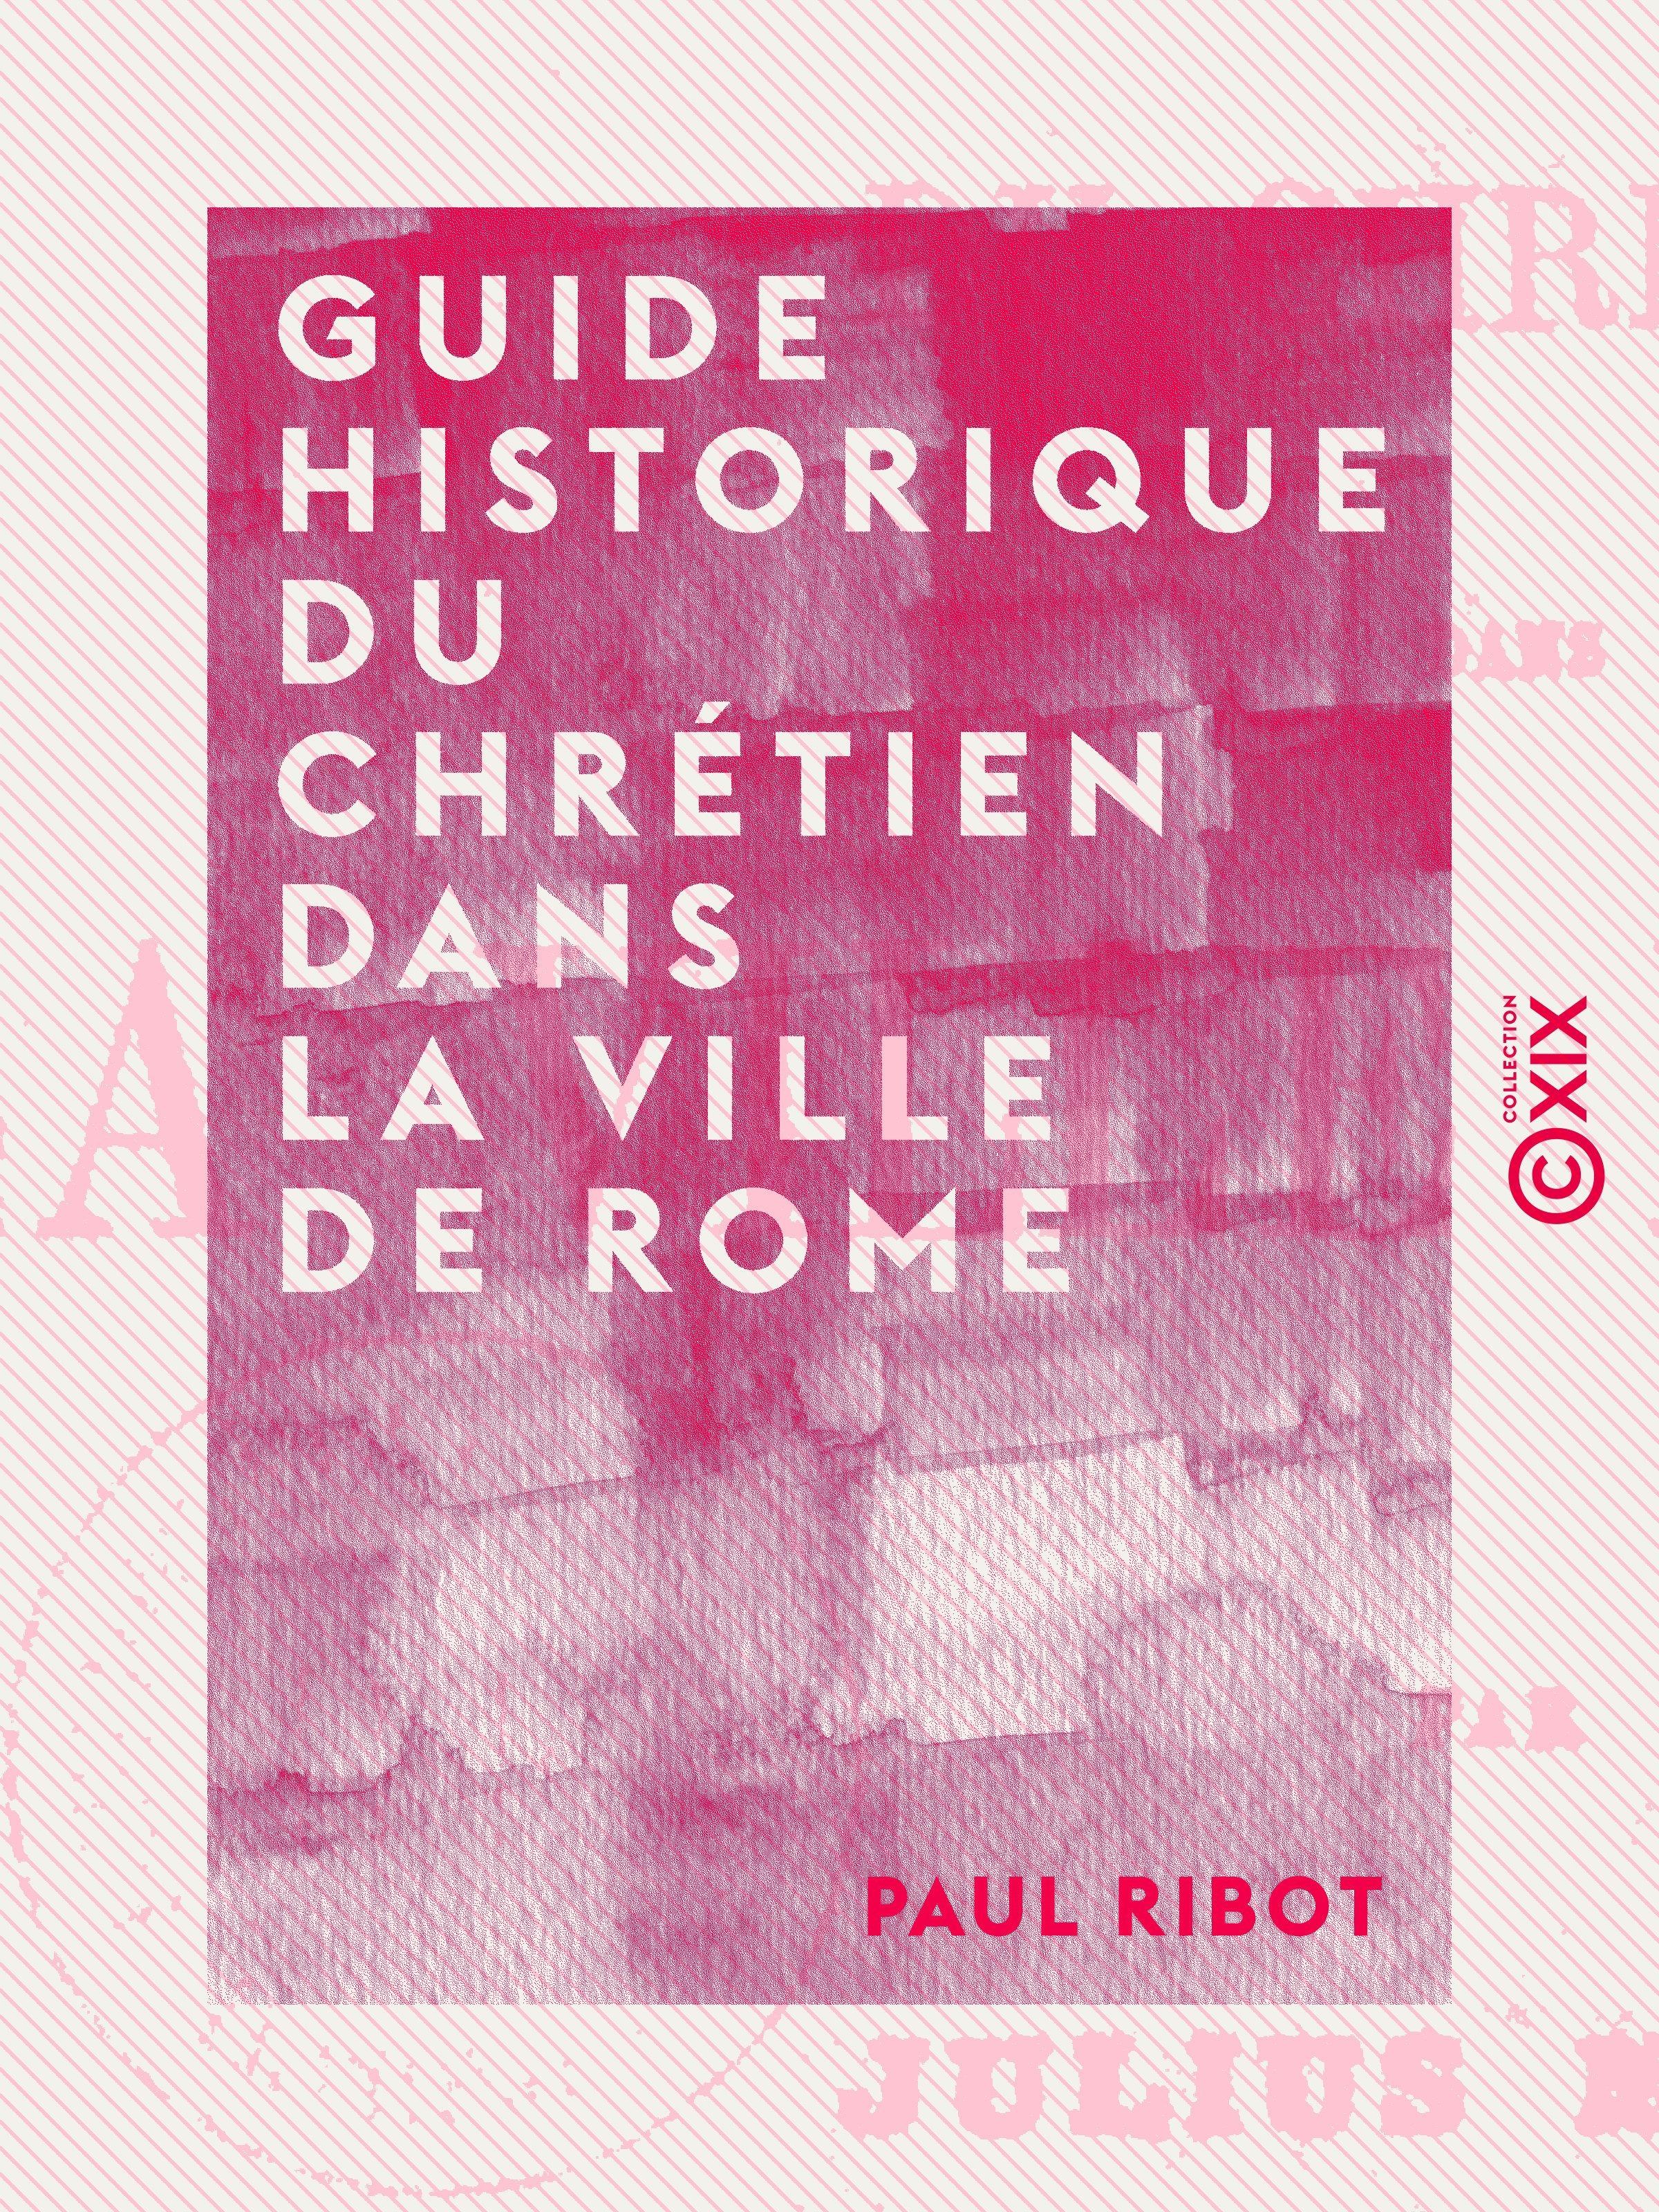 Guide historique du chrétien dans la ville de Rome